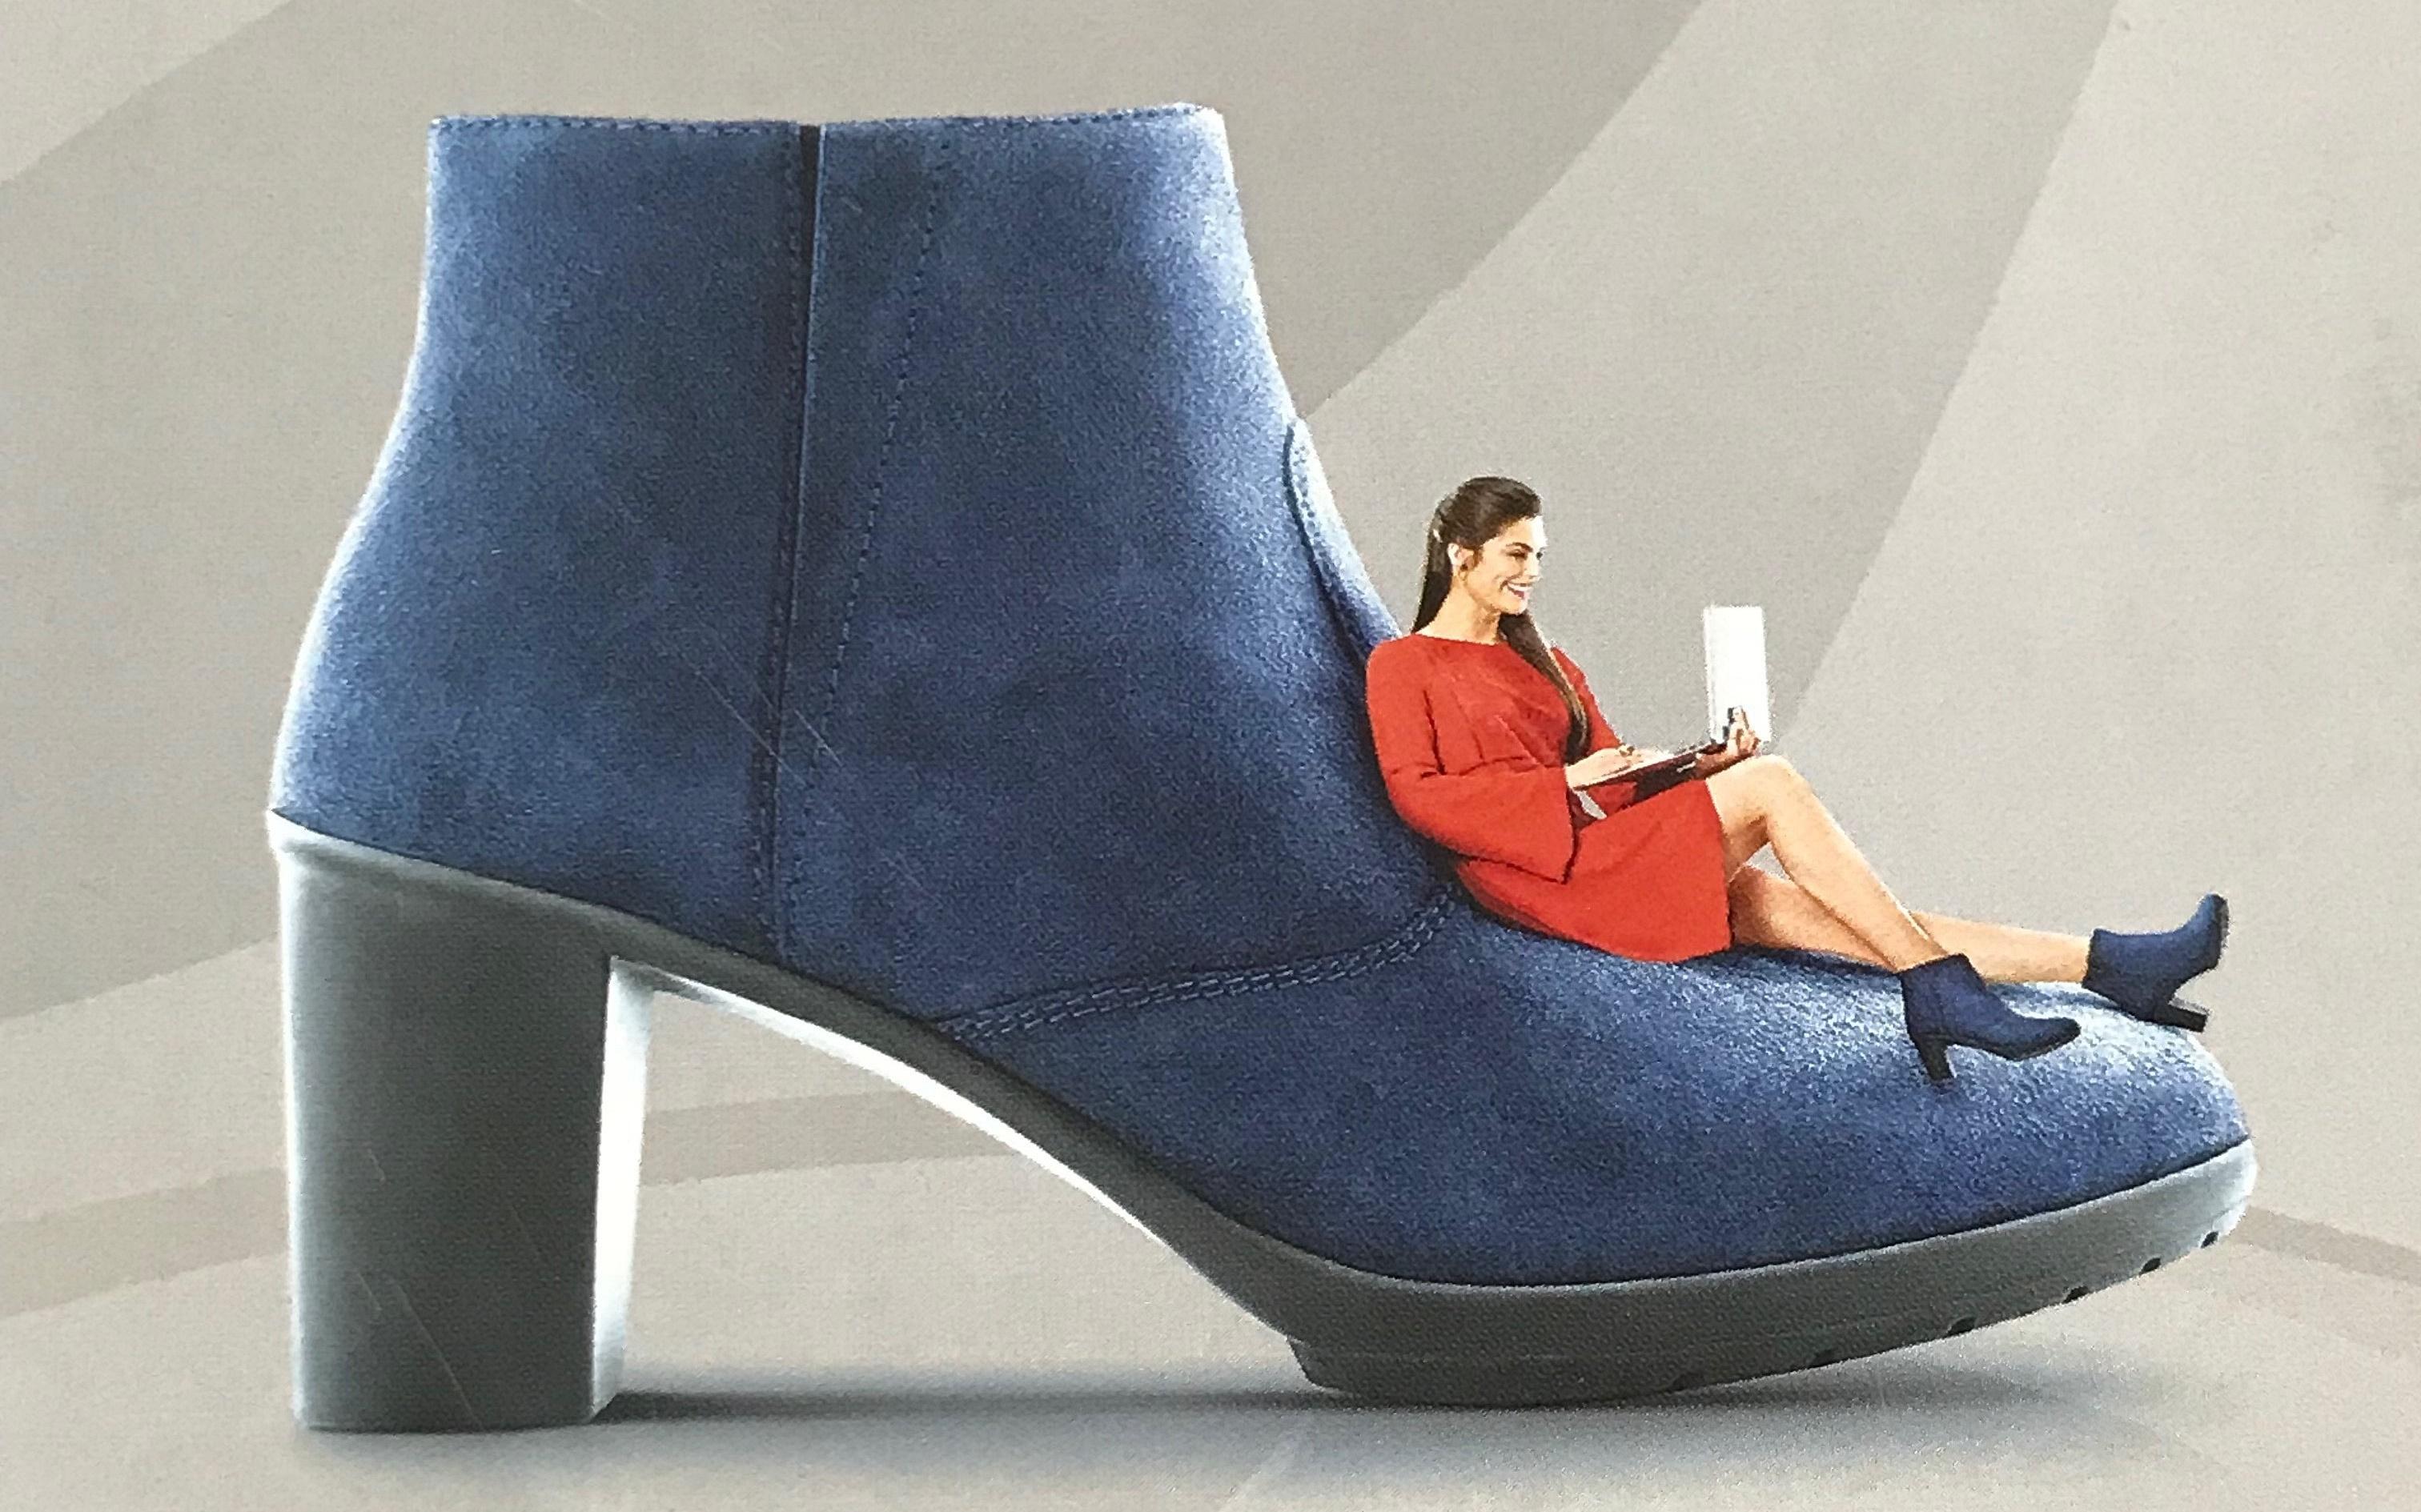 cc5857c0ee365 Palce młotkowate, palce młoteczkowate oraz palce szponiaste to przyczyny  noszenia za małych butów! Obuwie tzw.